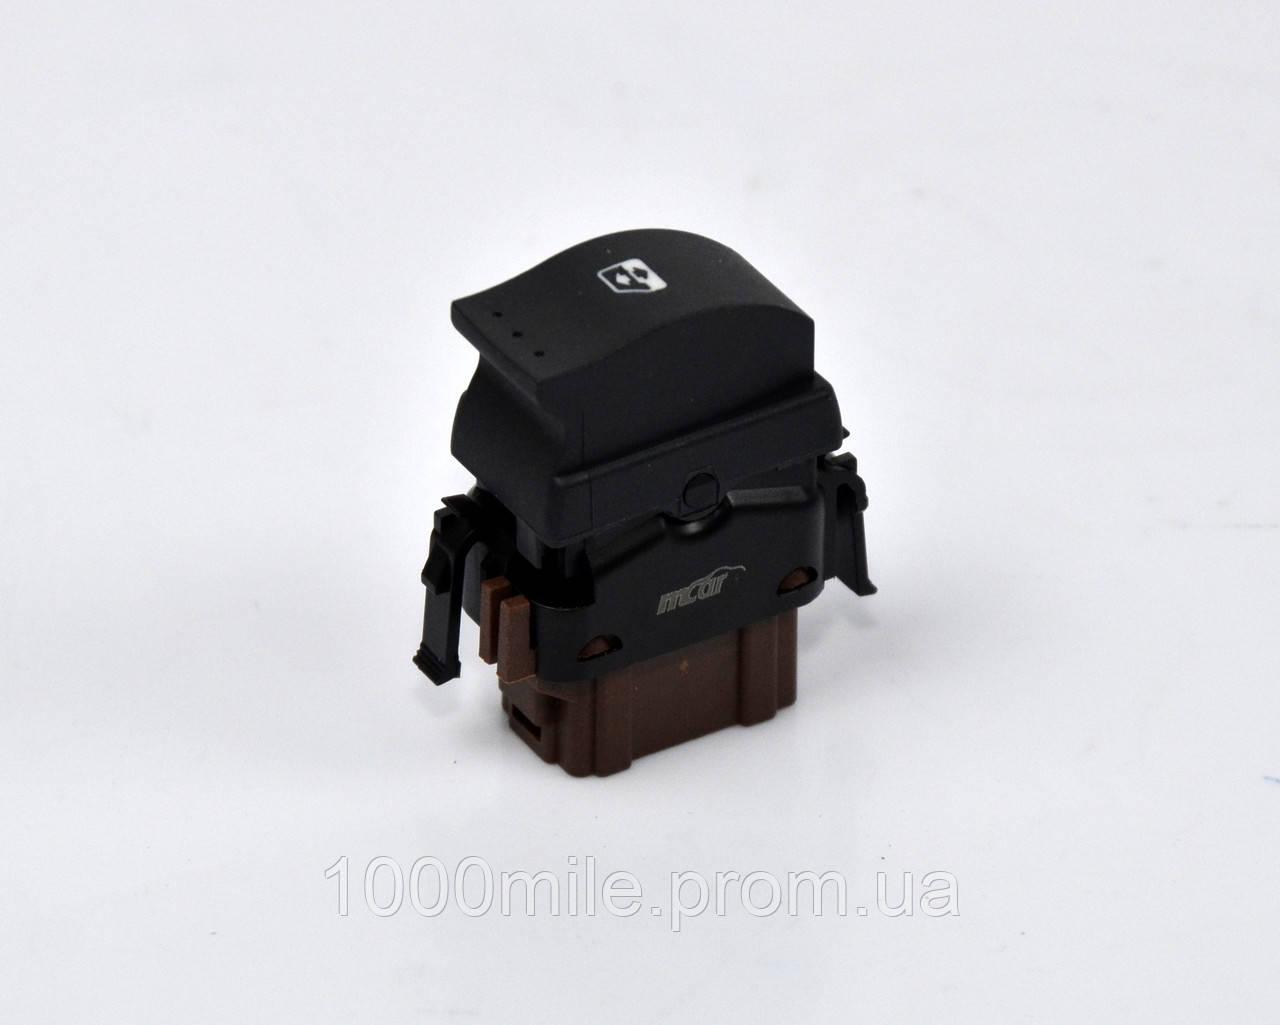 Переключатель стеклоподъёмника на Renault Master II 1998->2010  - W.P.I. (Турция) - OR-7066